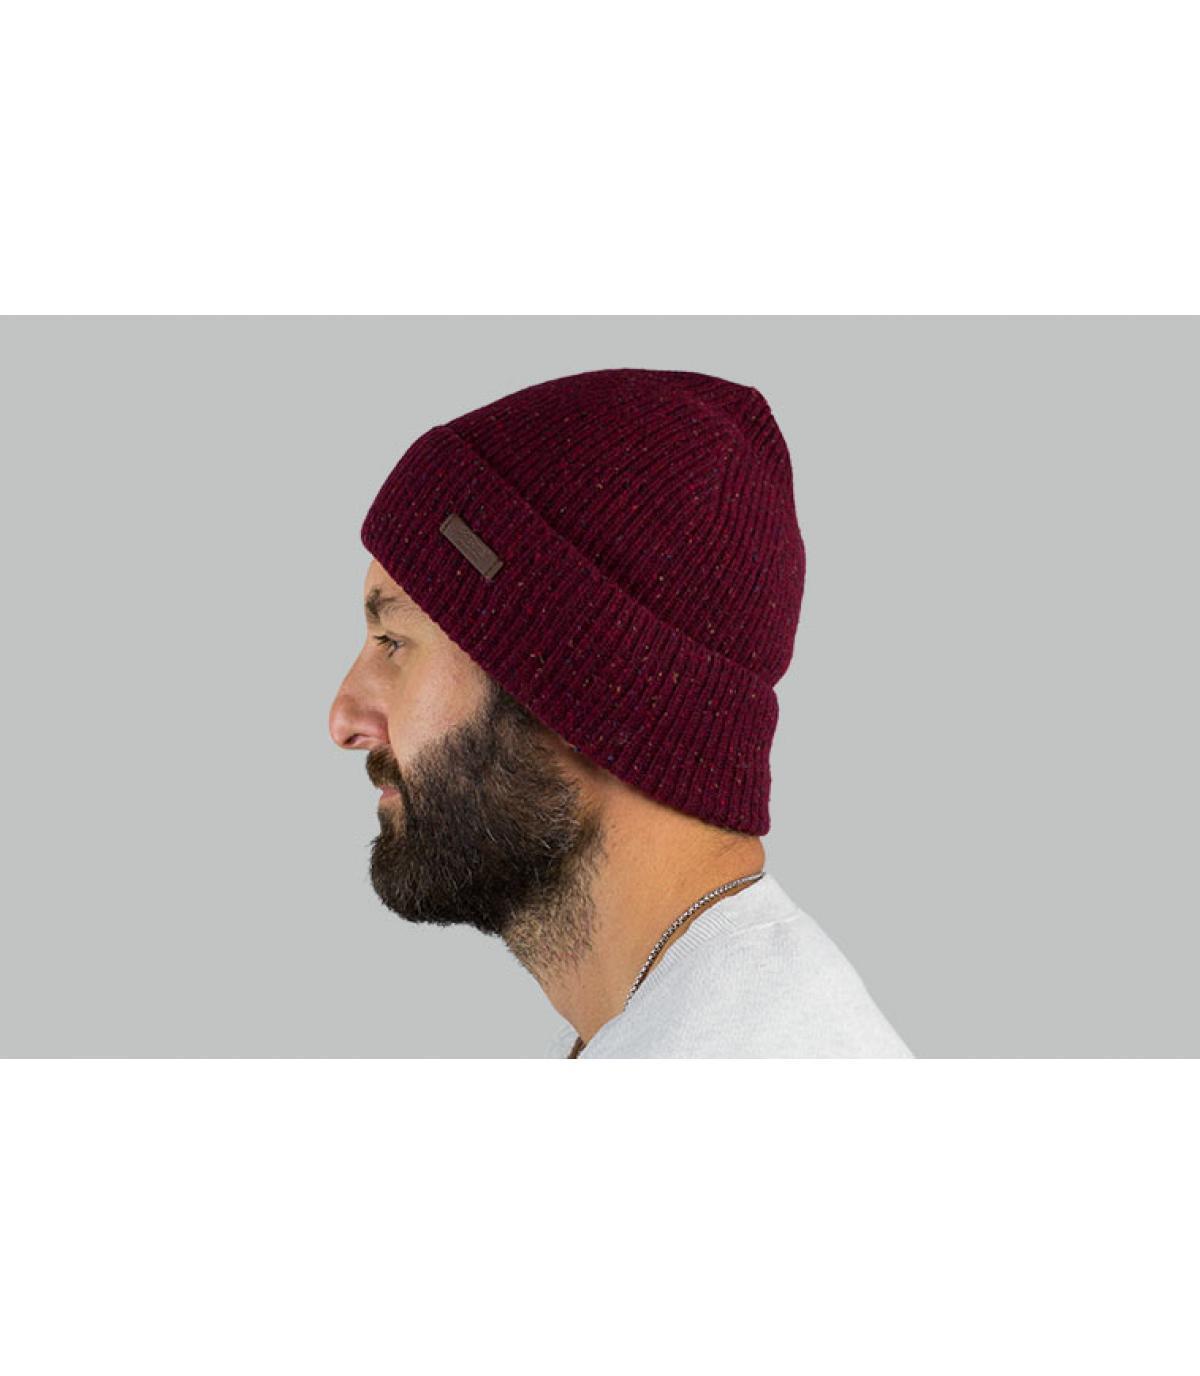 cappello reversibile bordeaux